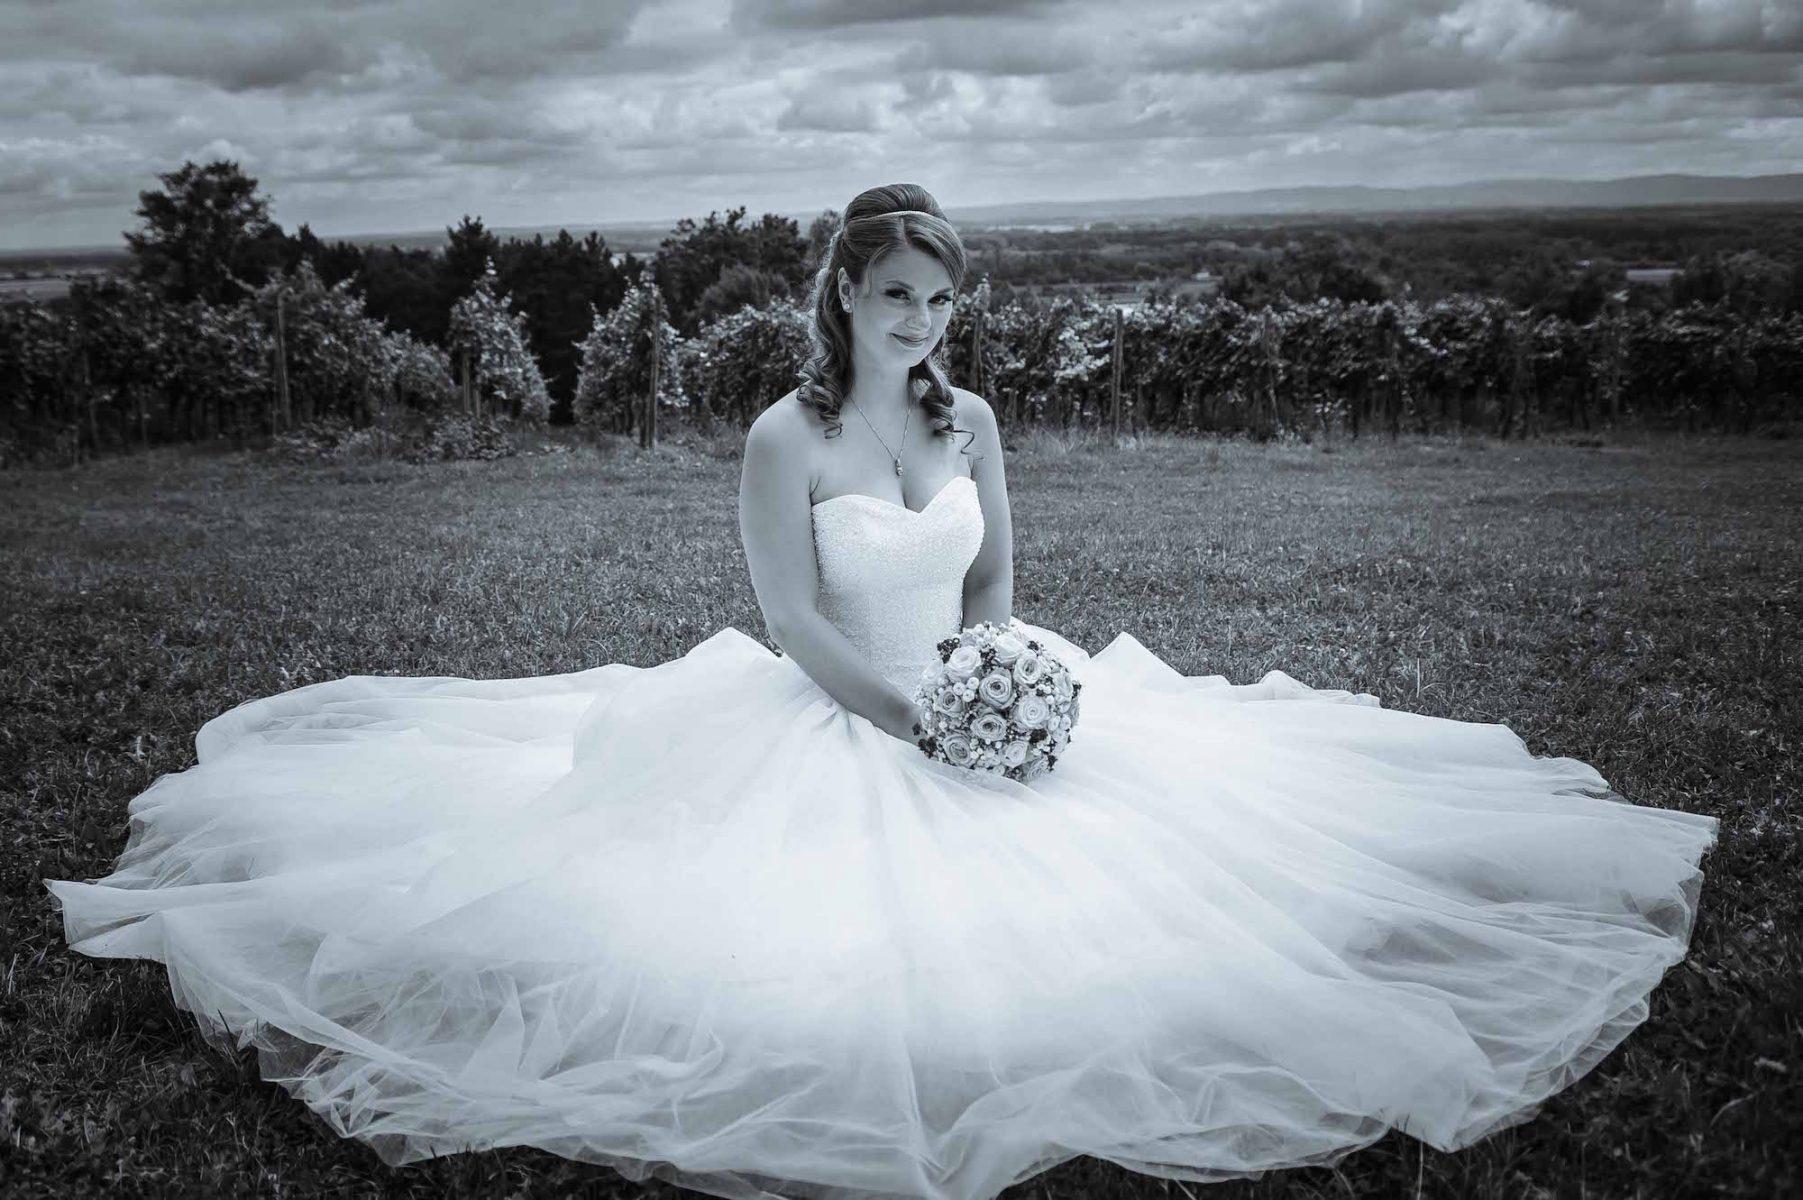 amatustra Hochzeit Zweisam Braut B2000 228656 1803x1200 - ZWEISAM